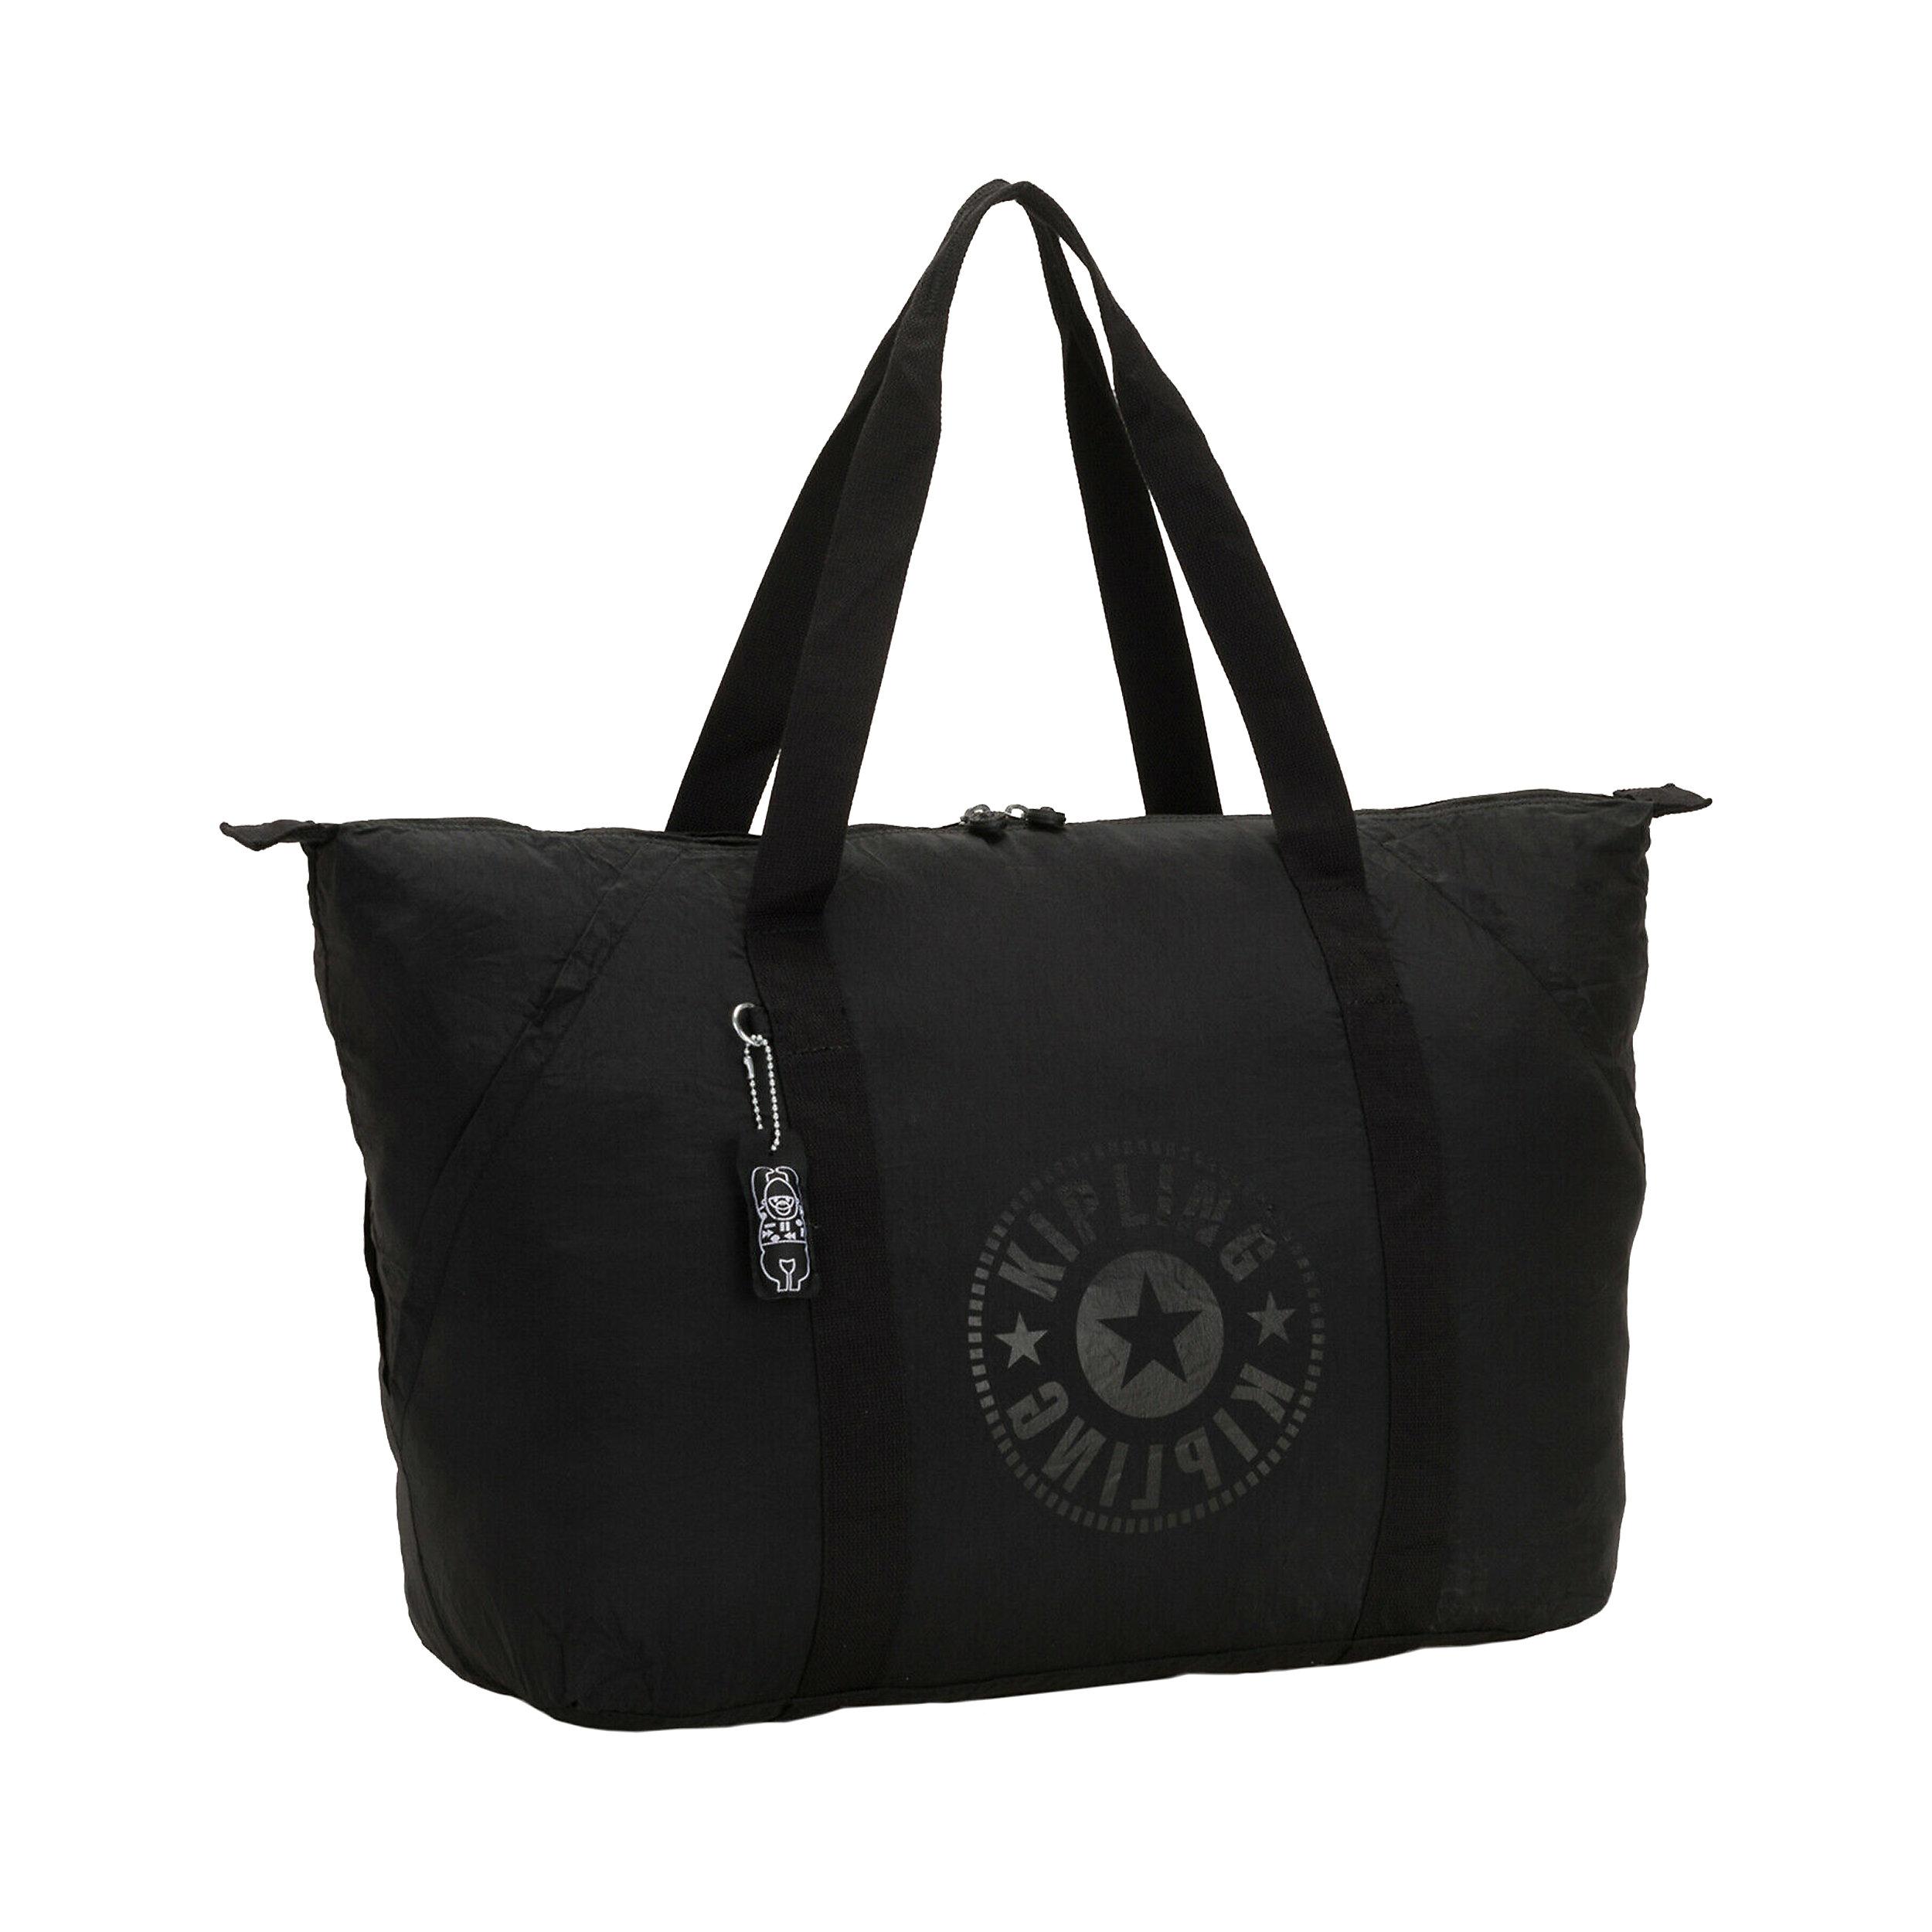 Handbag Art Packable Bags 29 Liter